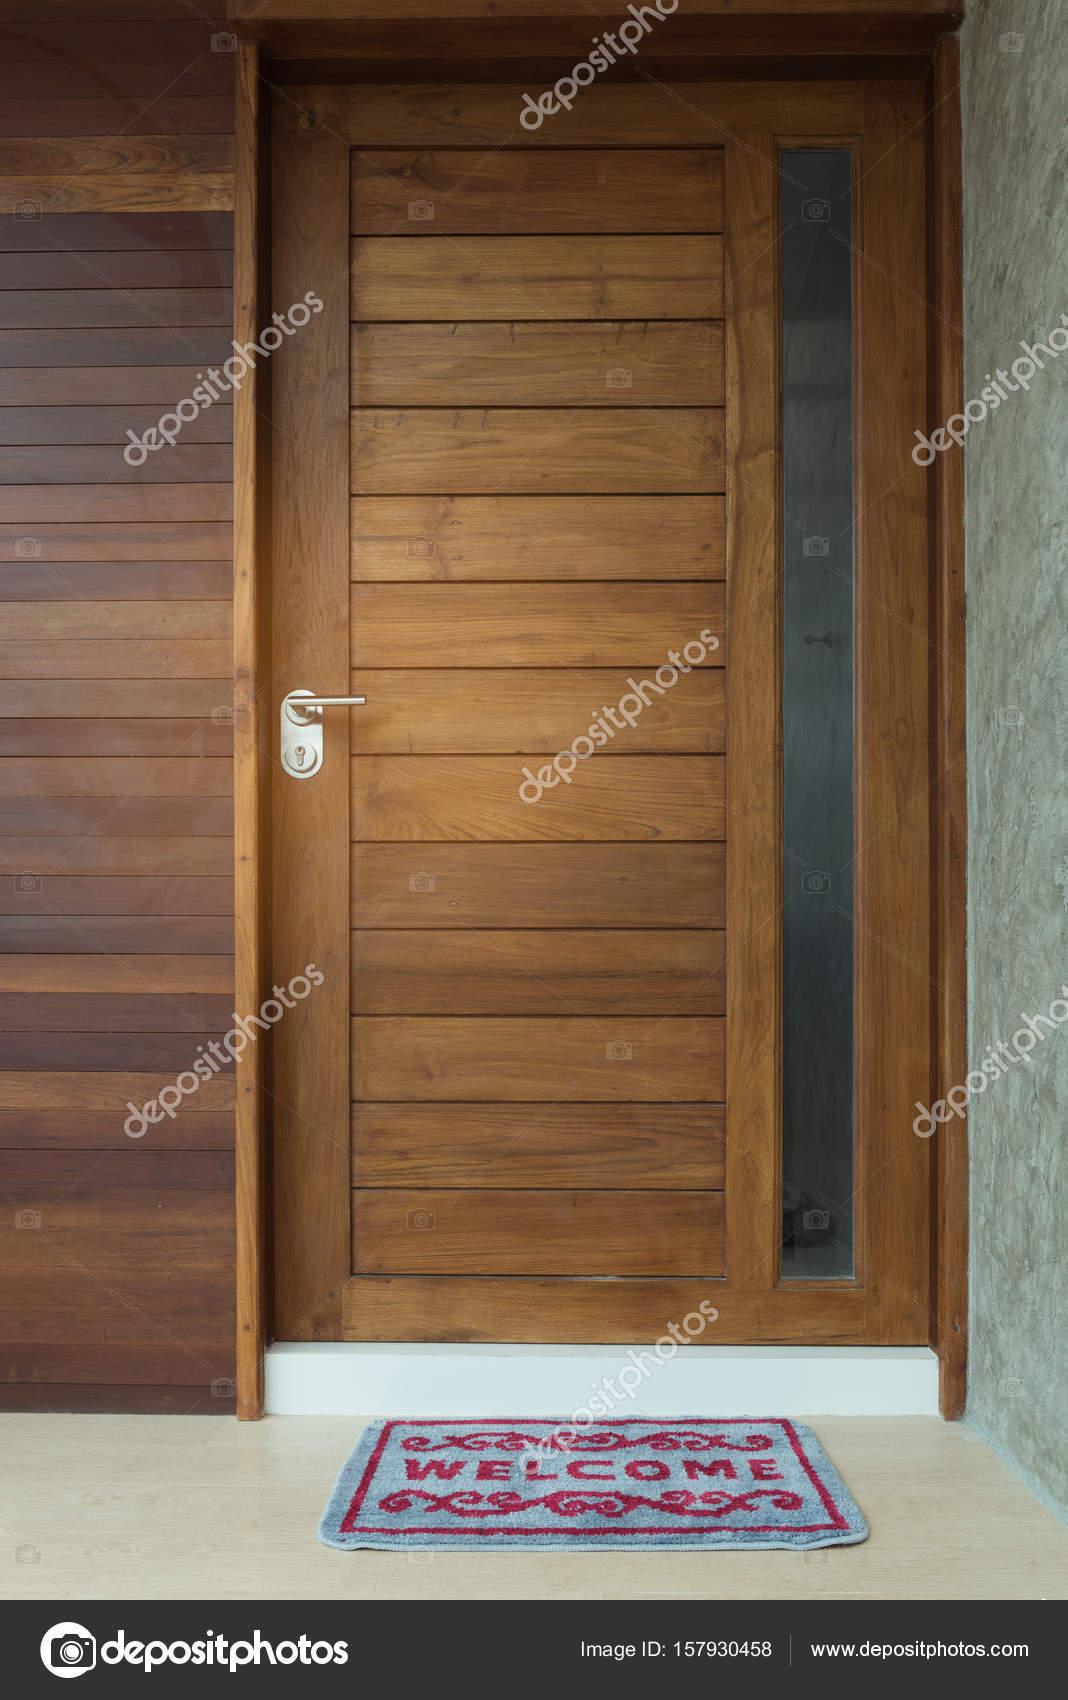 Welcome Door Mat Infront Of Teak Wooden Door Background U2014 Stock Photo